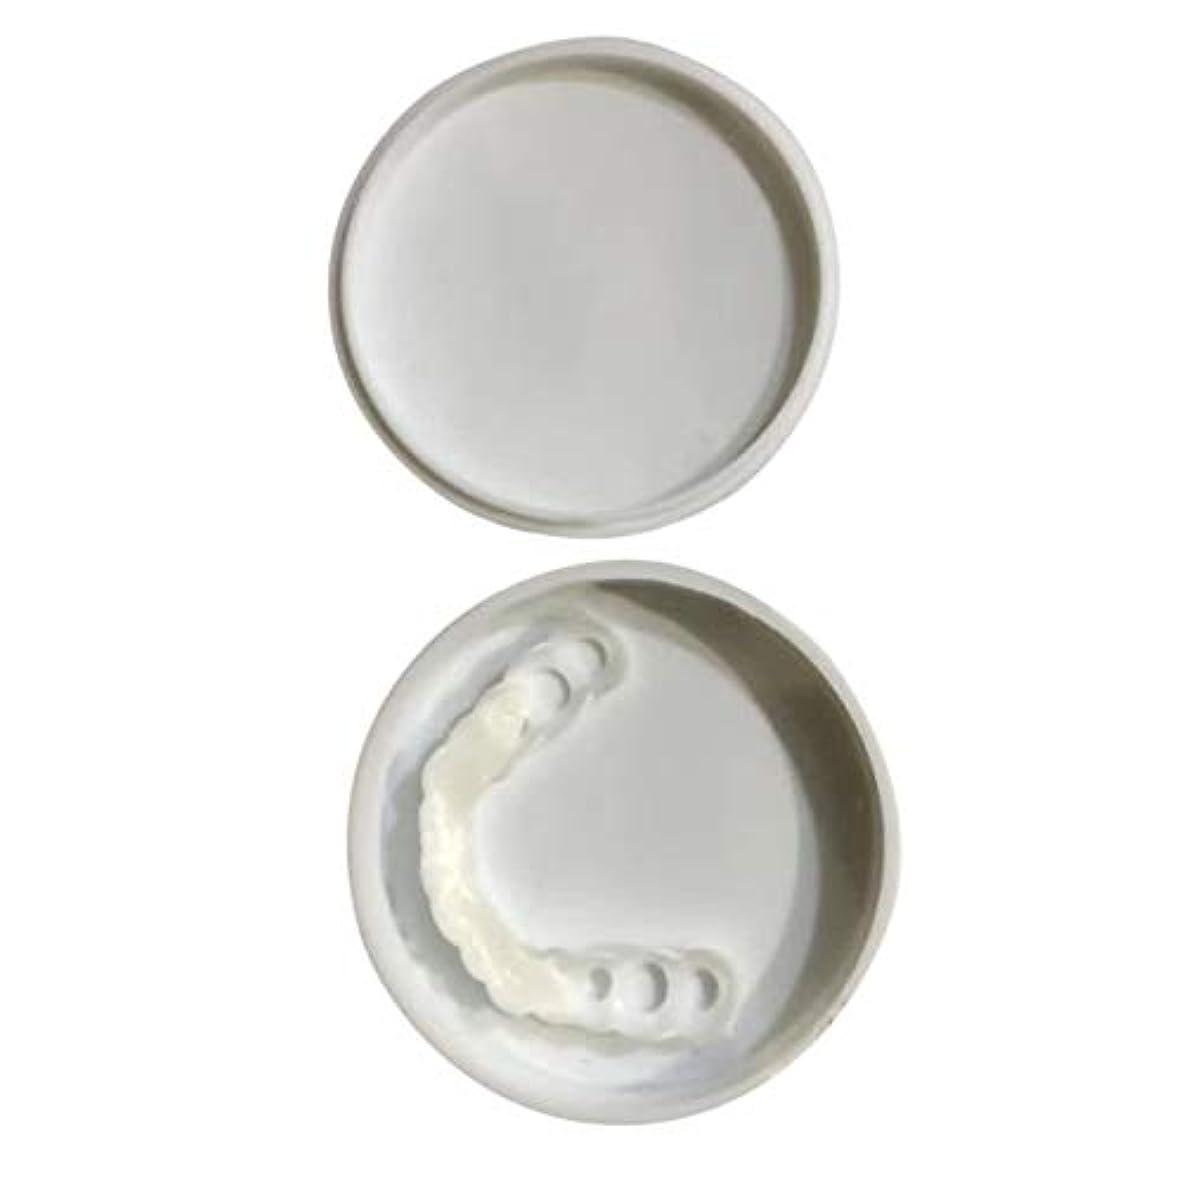 たっぷり恐怖あたり快適なスナップオン男性女性歯インスタントパーフェクトスマイルコンフォートフィットフレックス歯フィットホワイトニング笑顔偽歯カバー - ホワイト